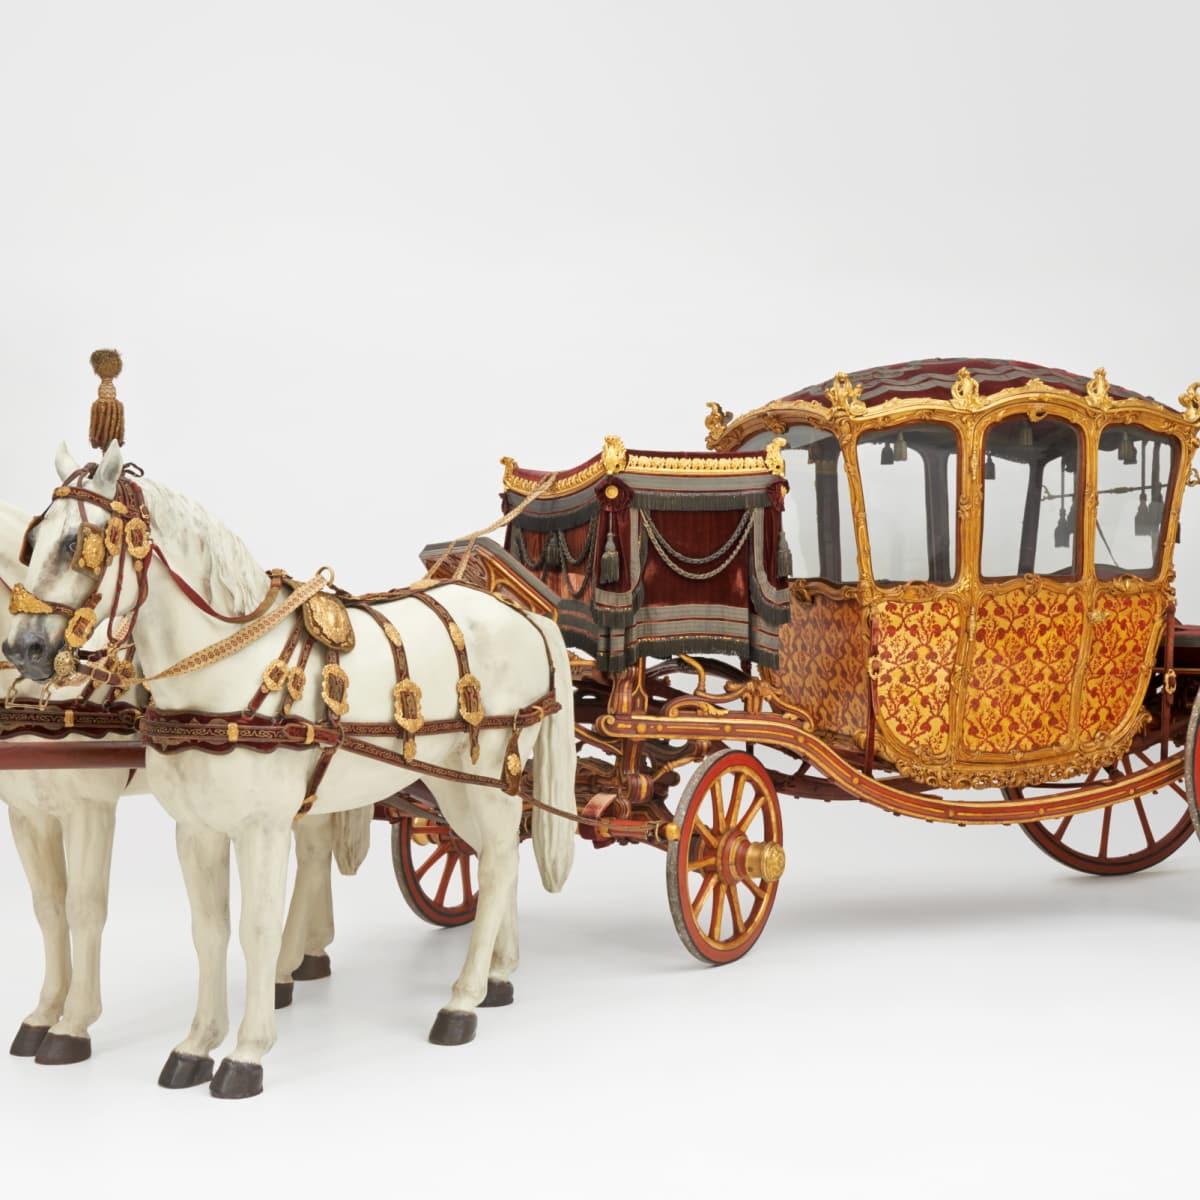 Habsburg Splendor Gala Carriage